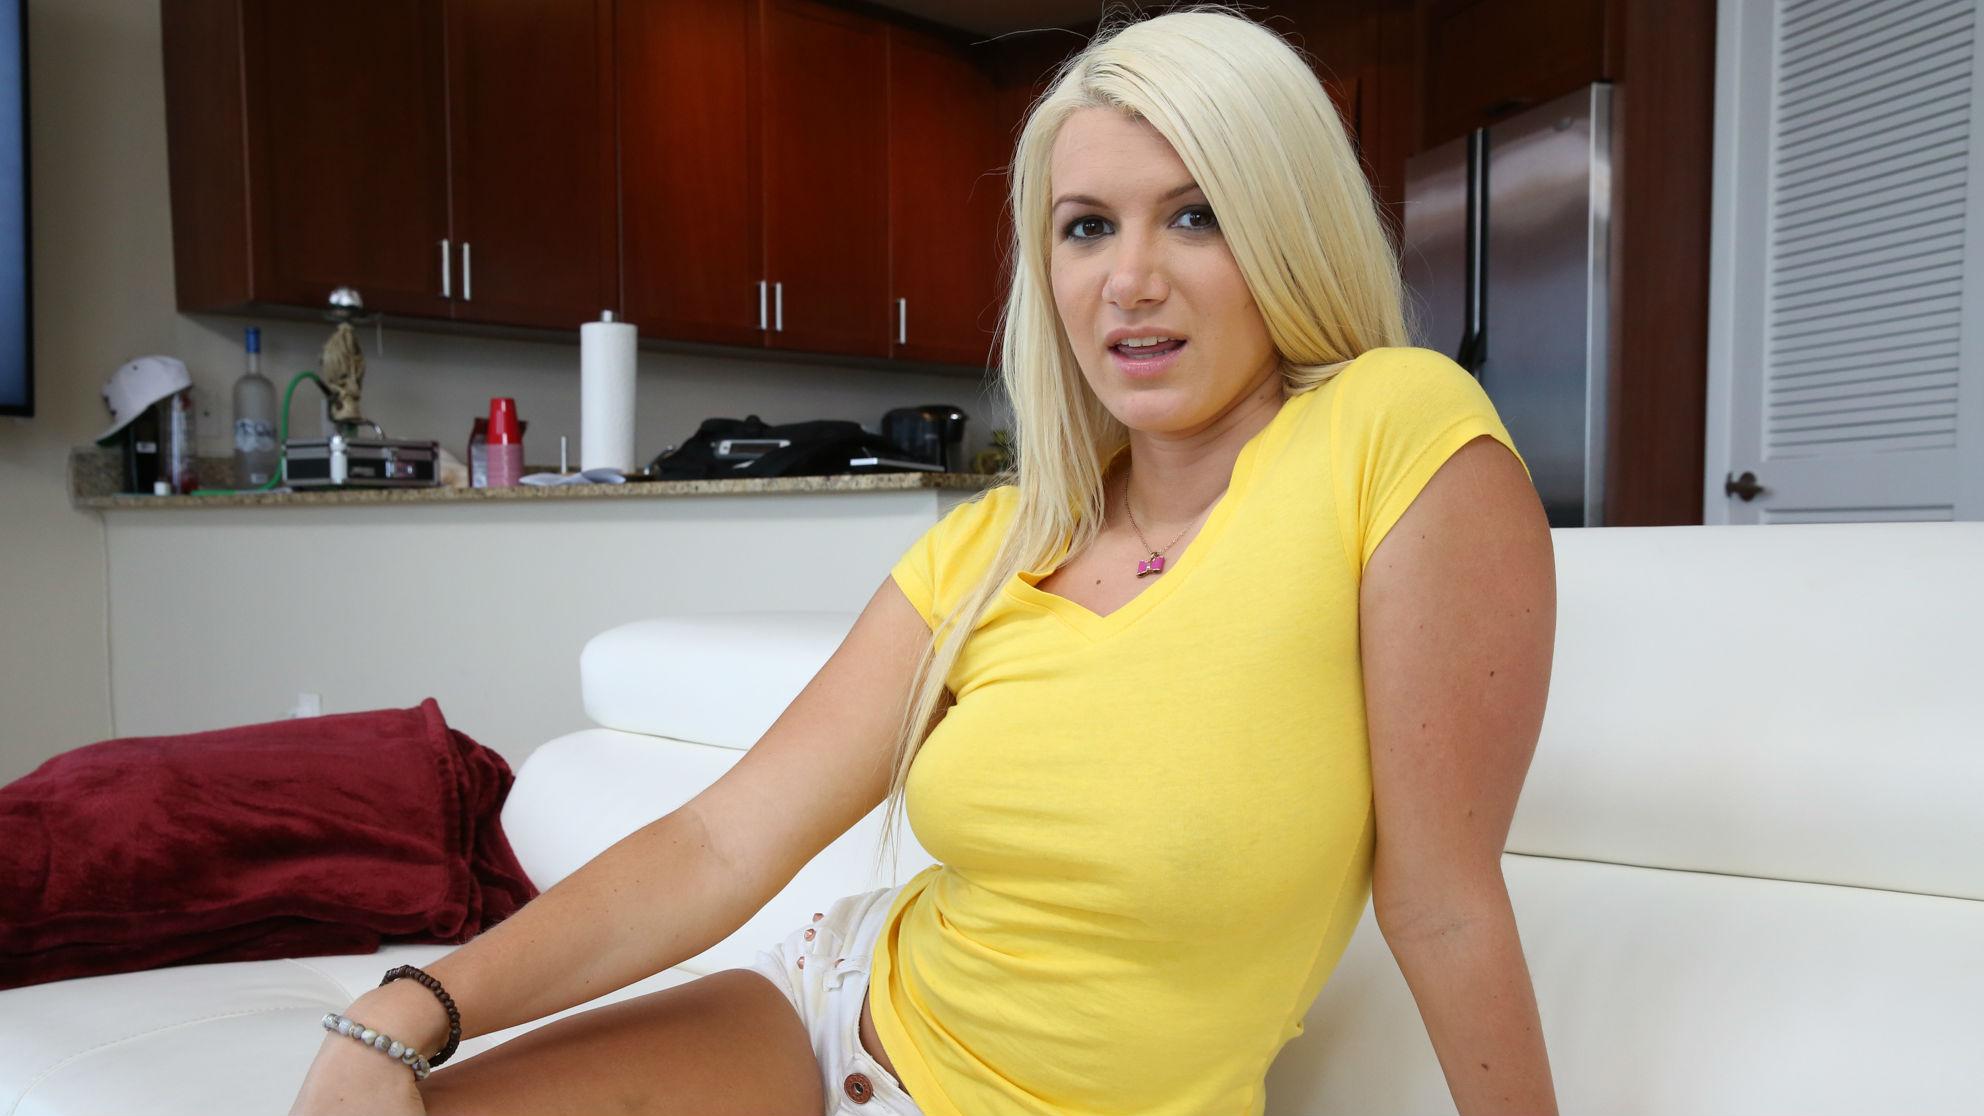 Layla Price wird in warmem Speichel der Bande ihrer Freundinnen ertränkt